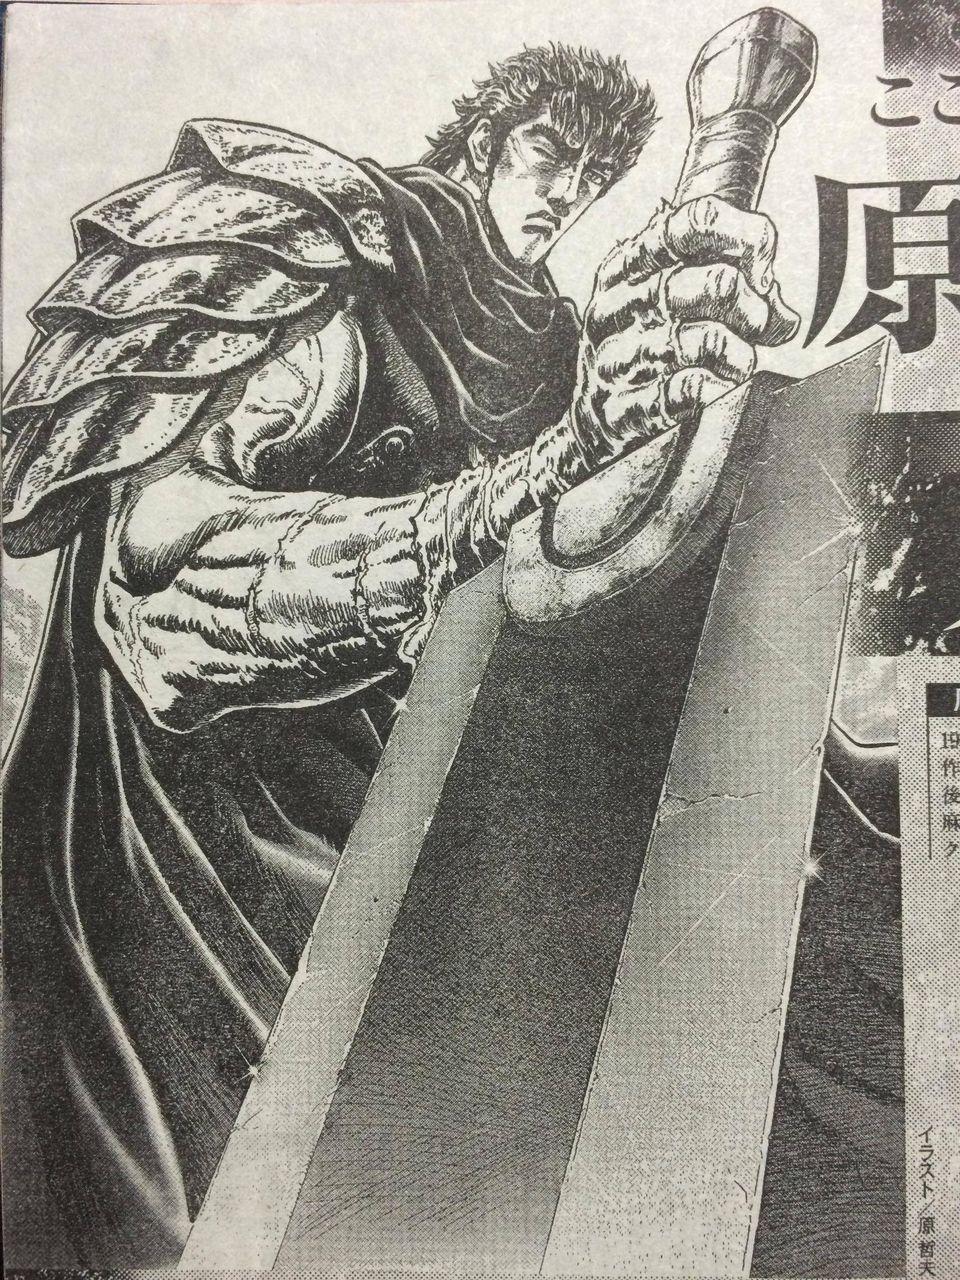 【エンタメ画像】北斗の拳作者がベルセルク描いてみた←これ。。。。。。。。。。w【画像あり】